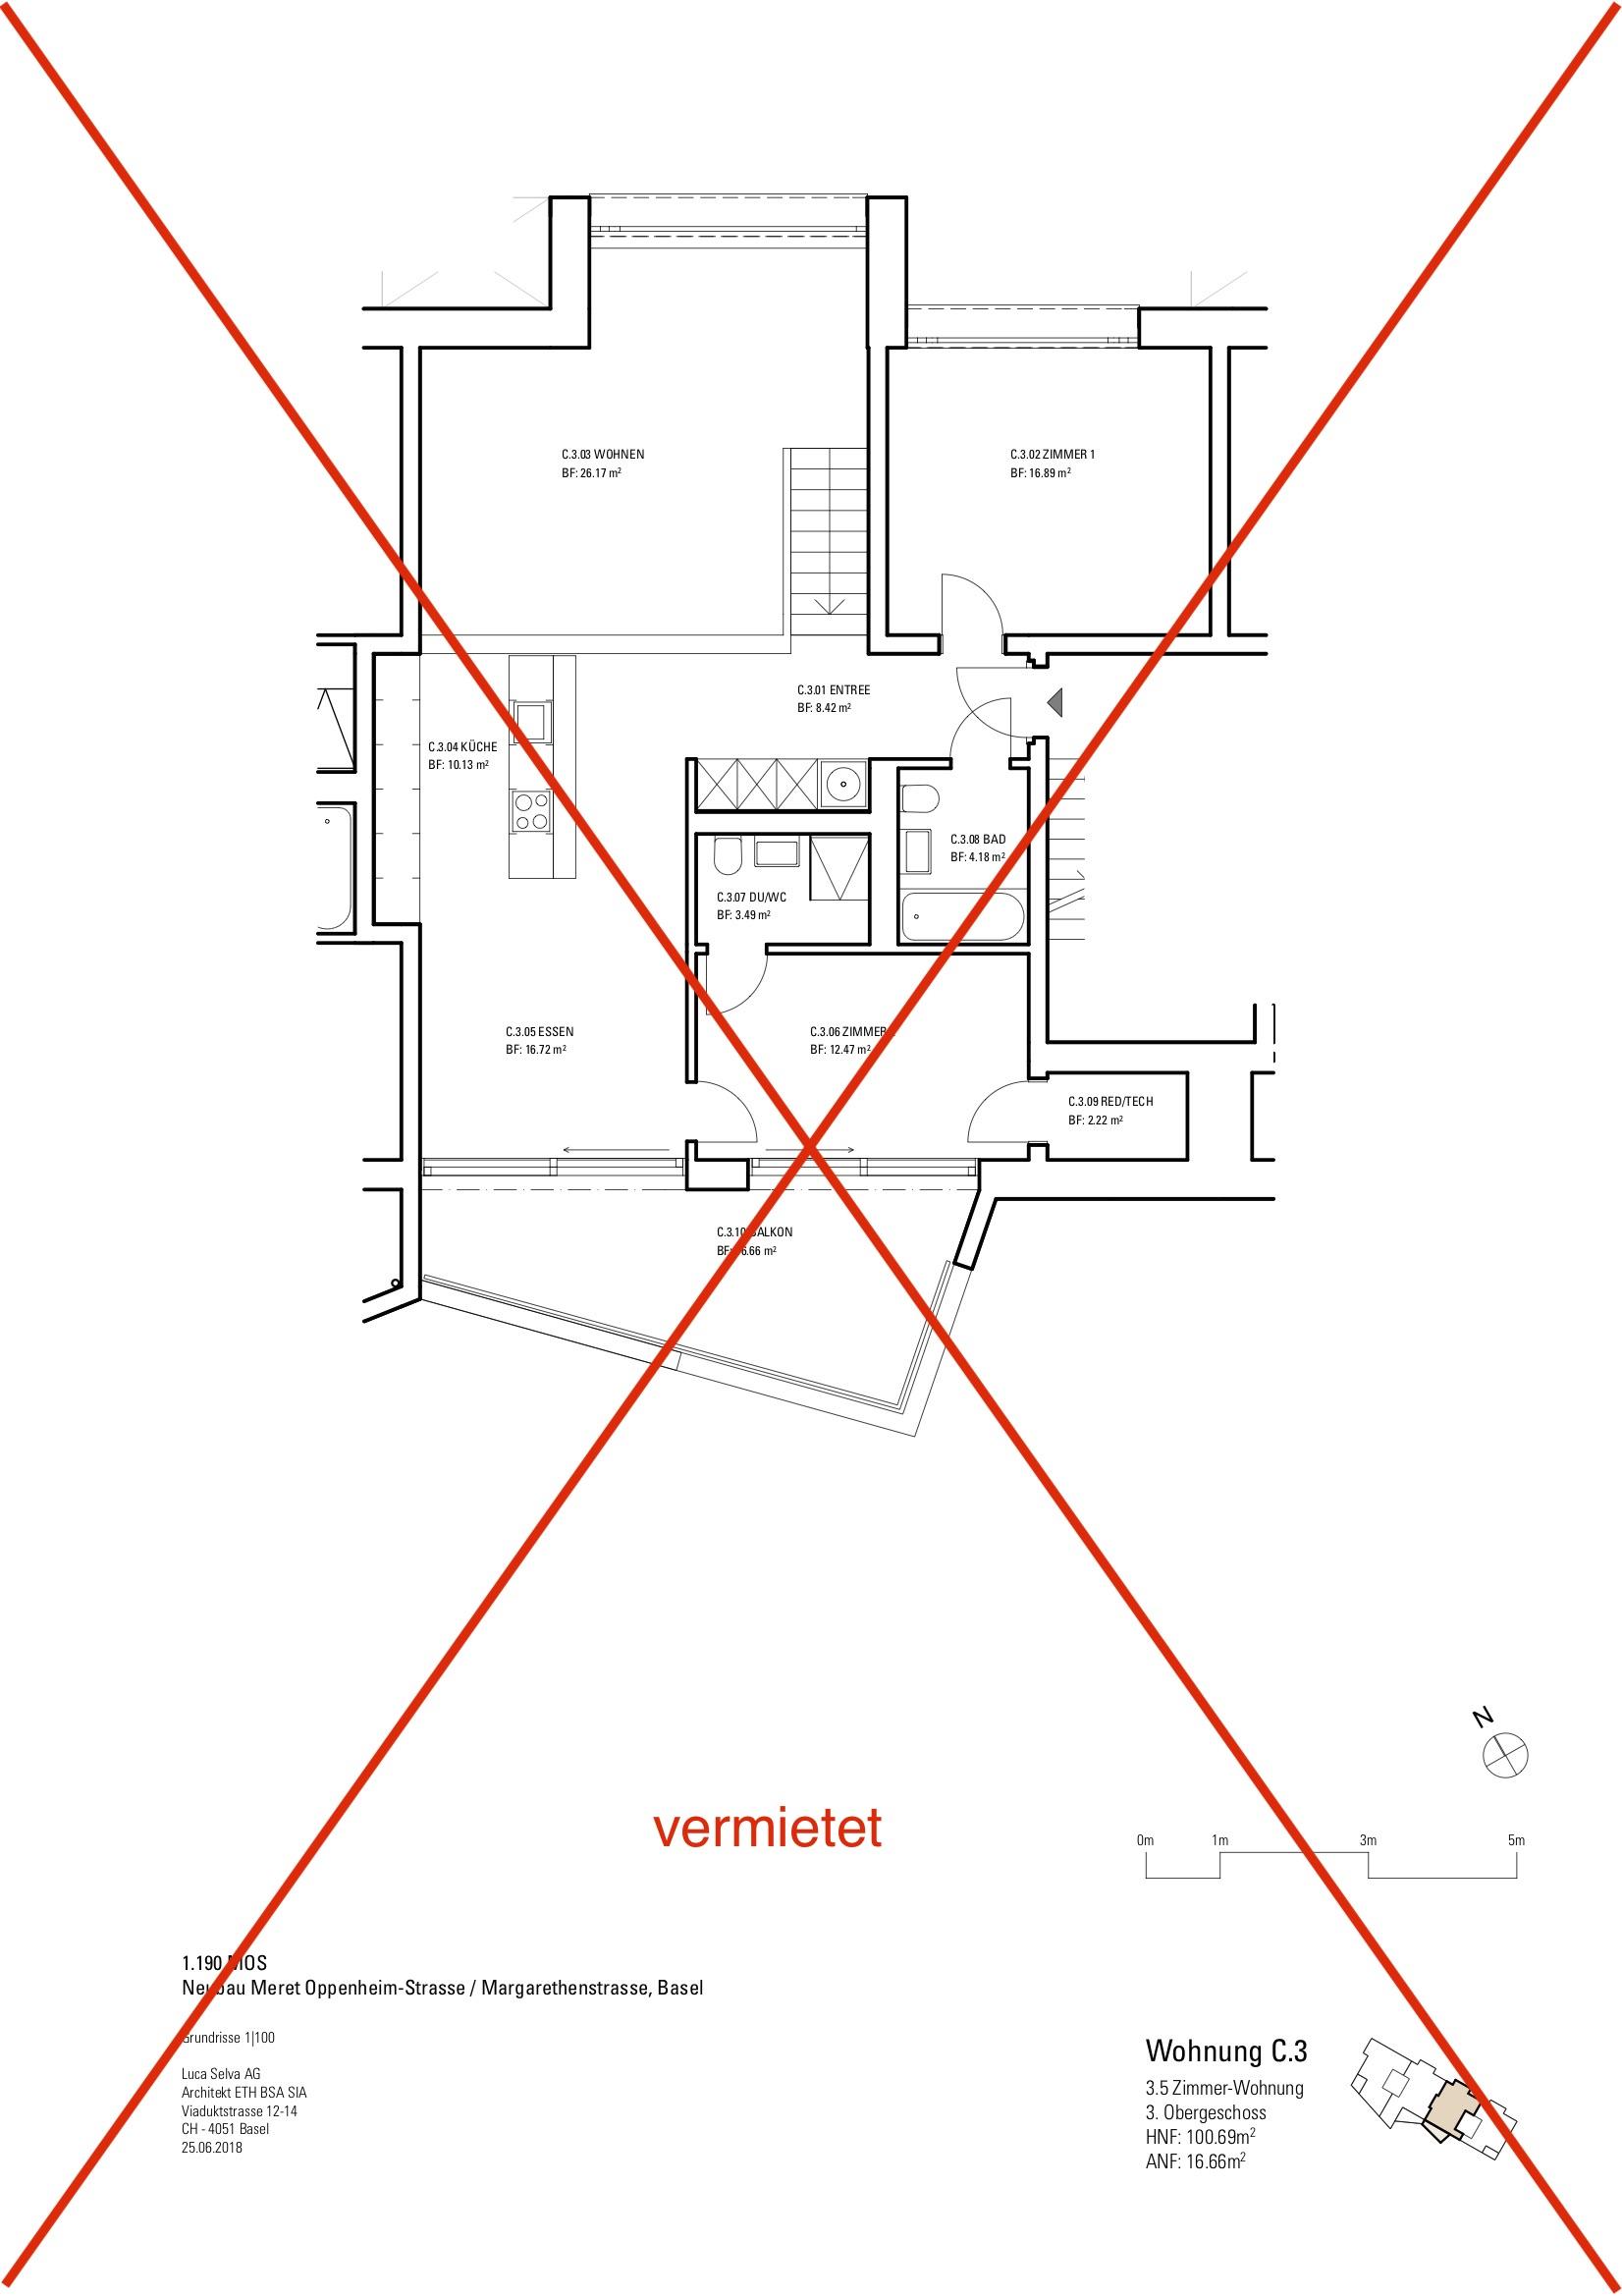 Wohnung C3 vermietet.jpg